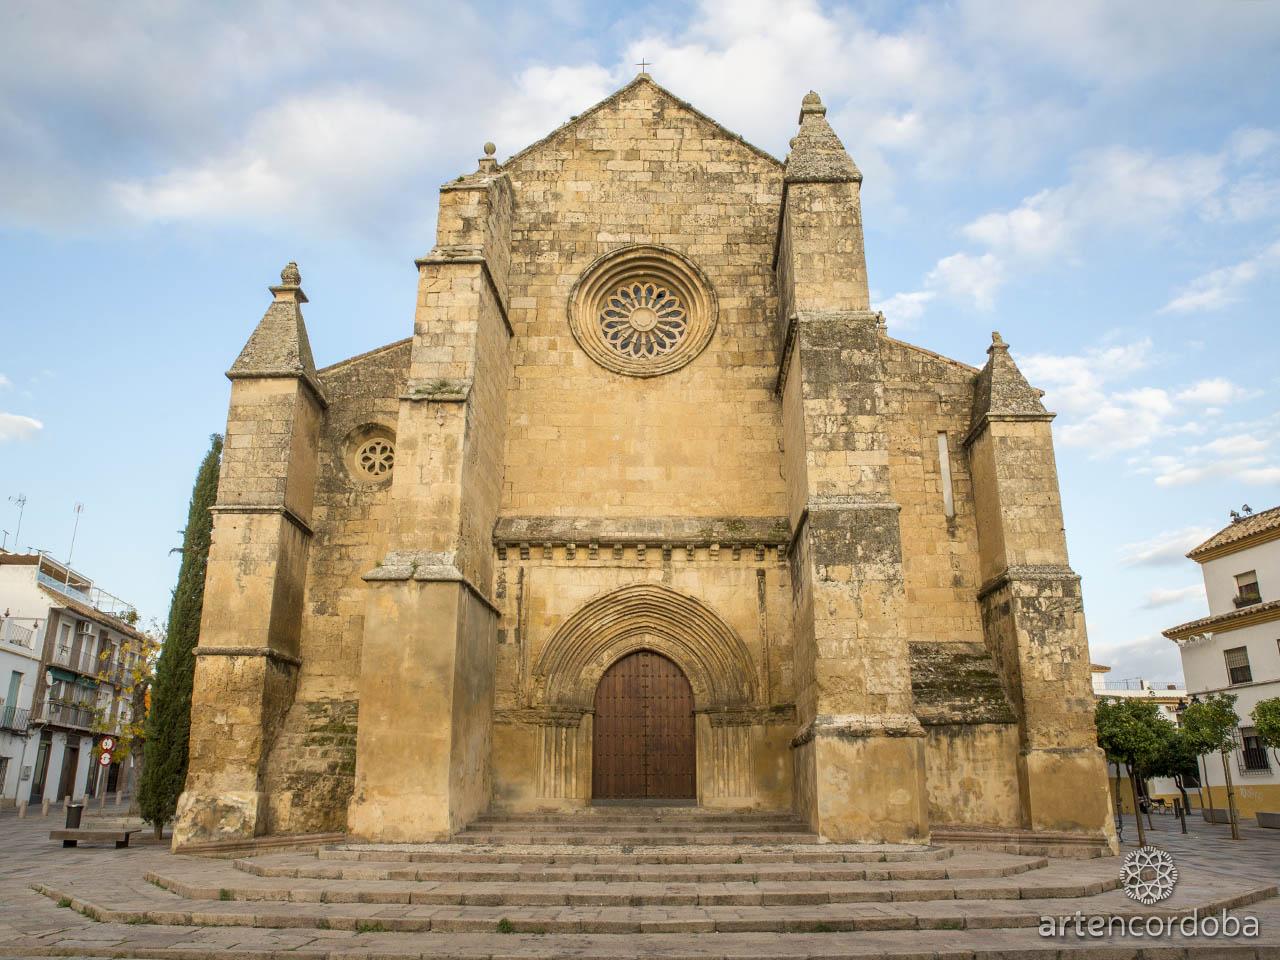 Fachada de la Iglesia de Santa Marina en Córdoba